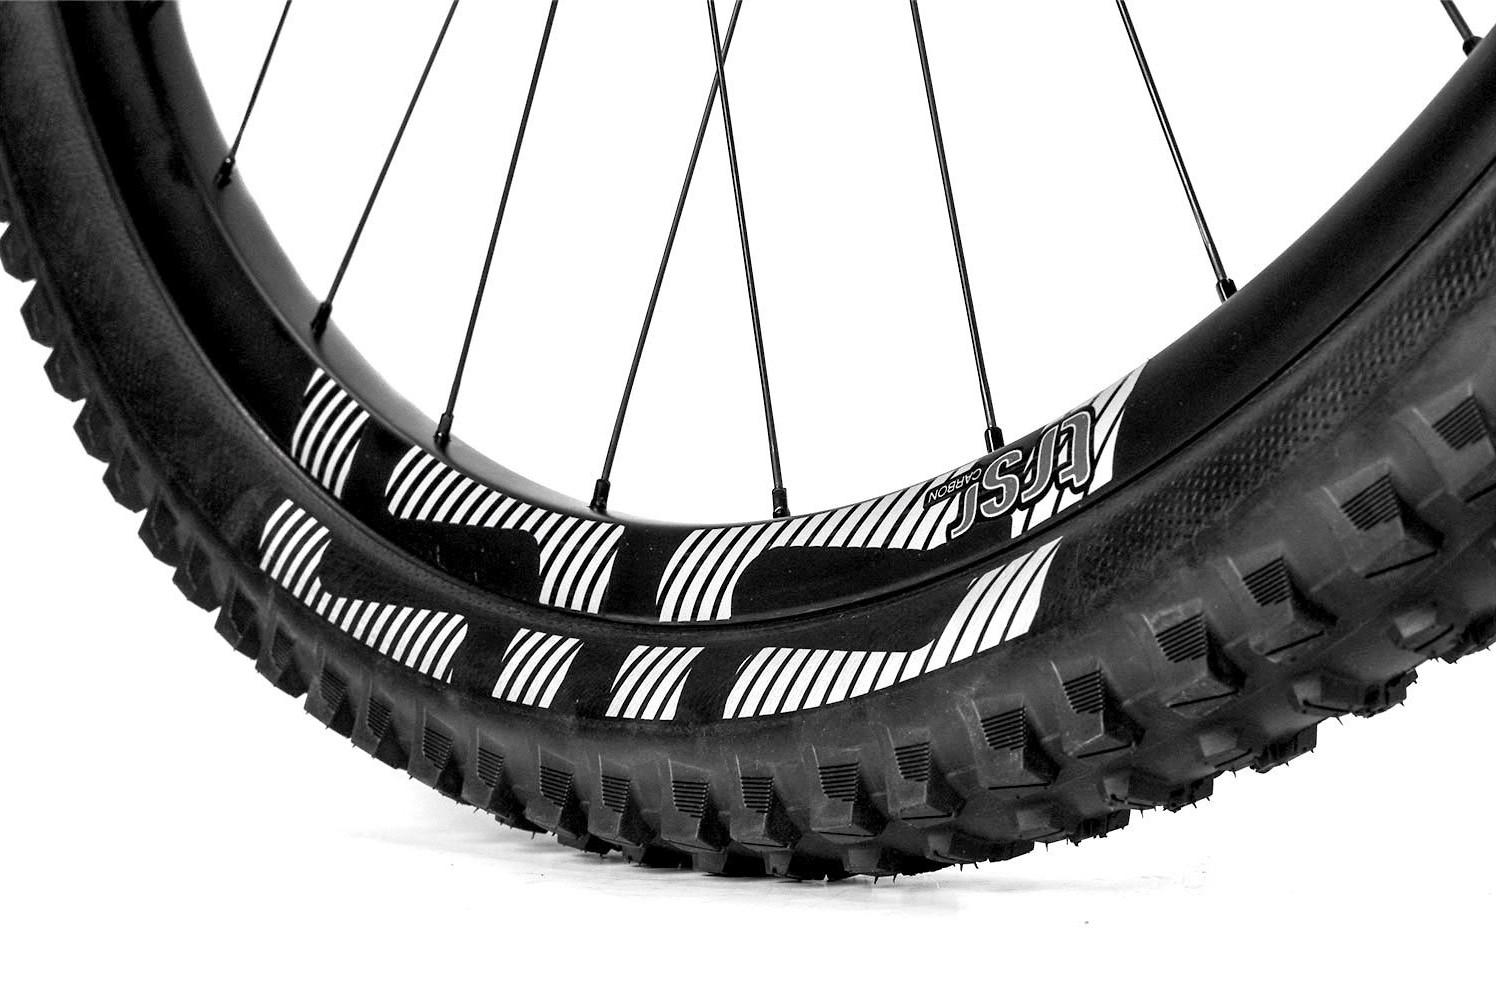 29in e*thirteen components LG1 EN Plus Boost Wheel